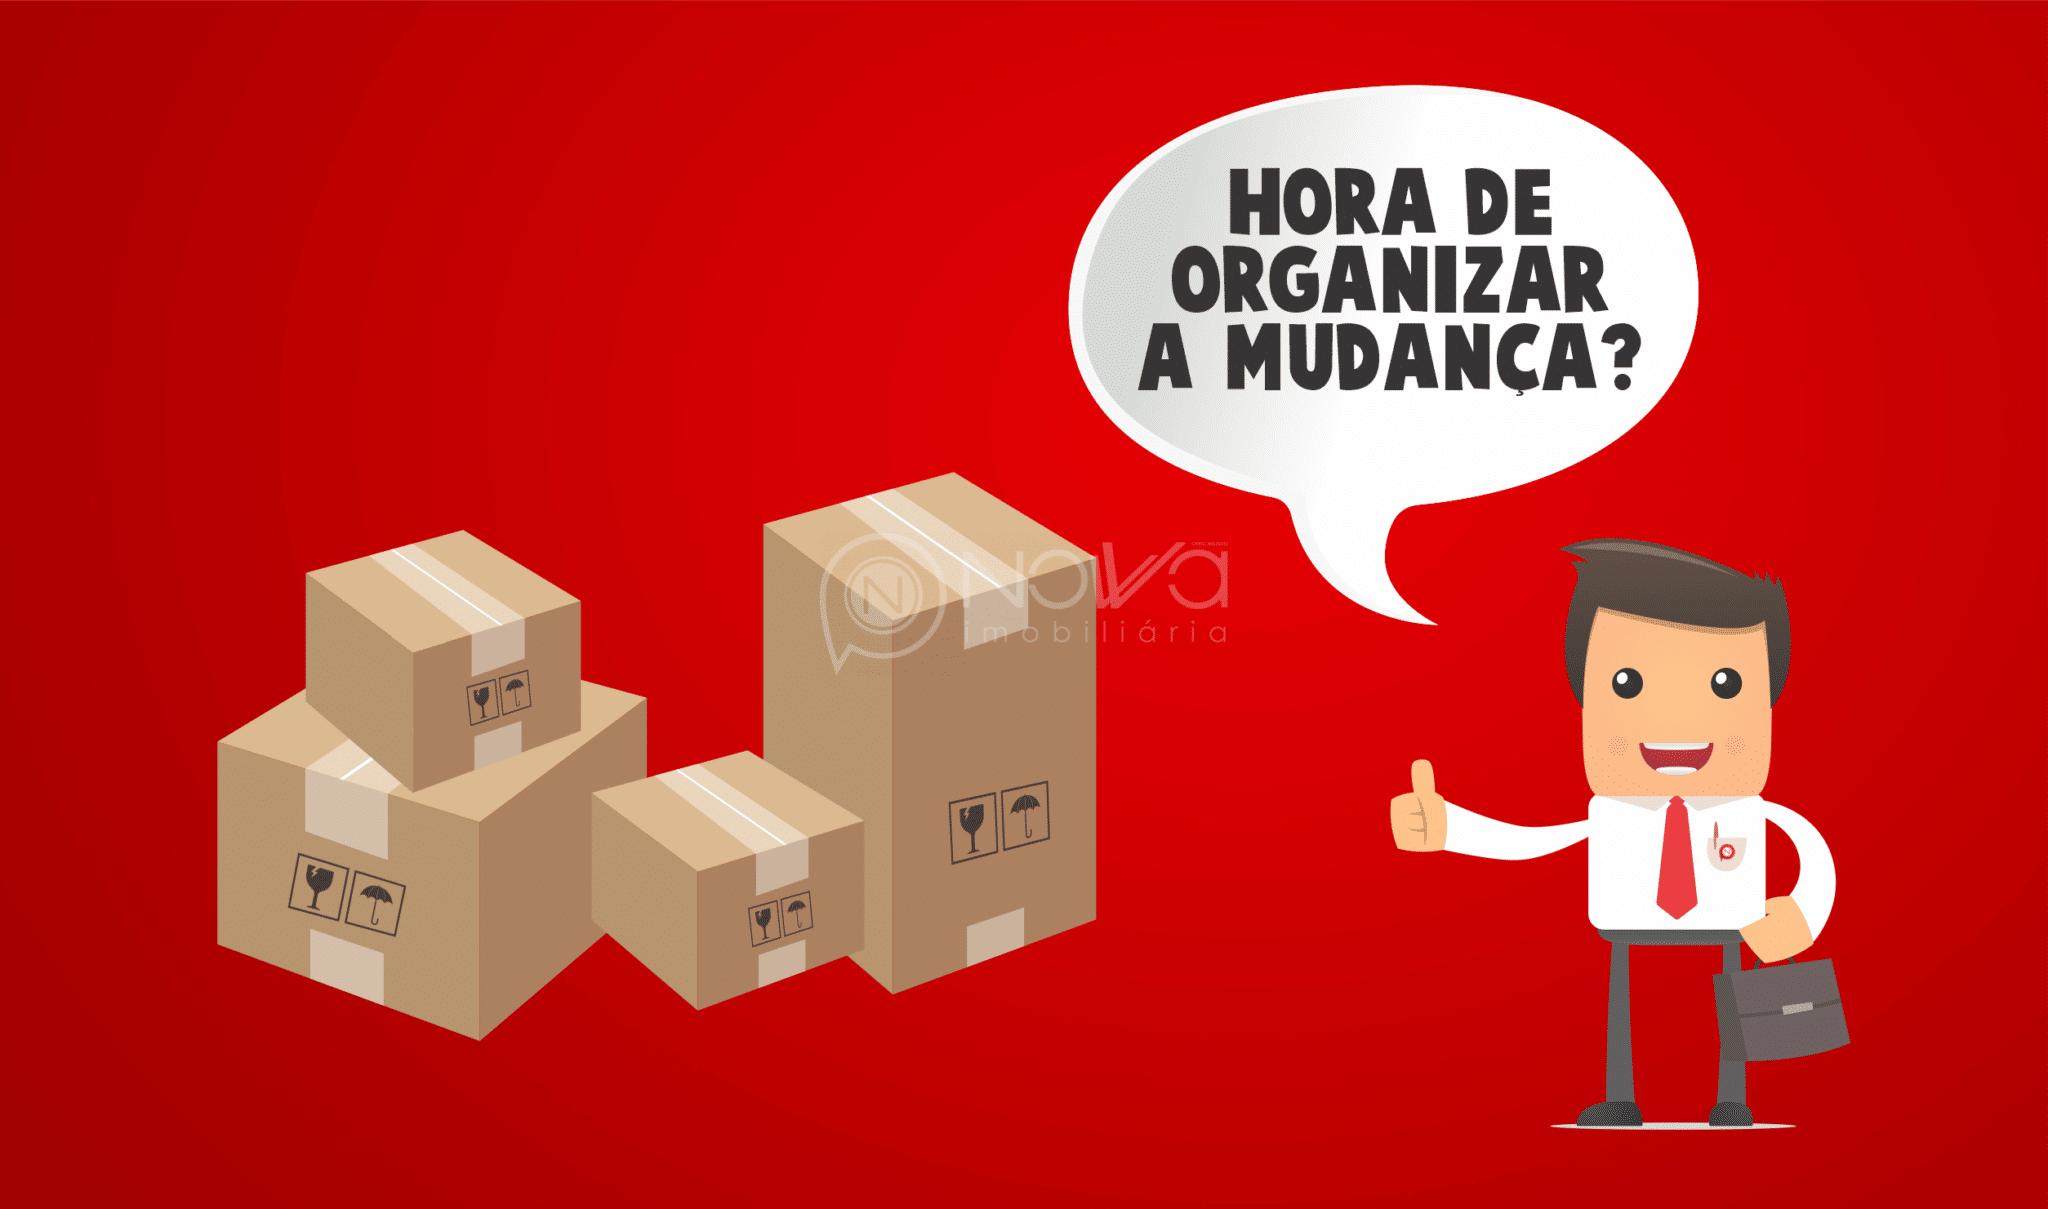 Dicas de como fazer uma mudança organizada